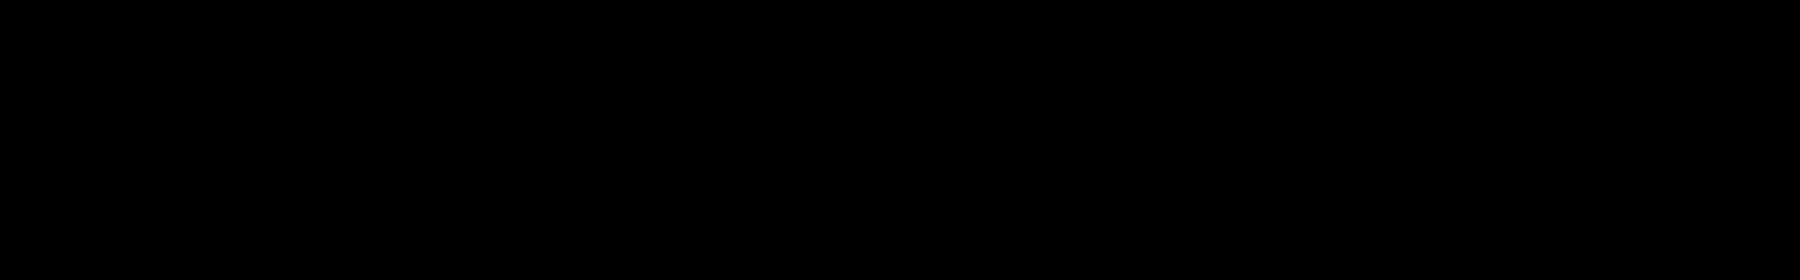 Naan Man audio waveform